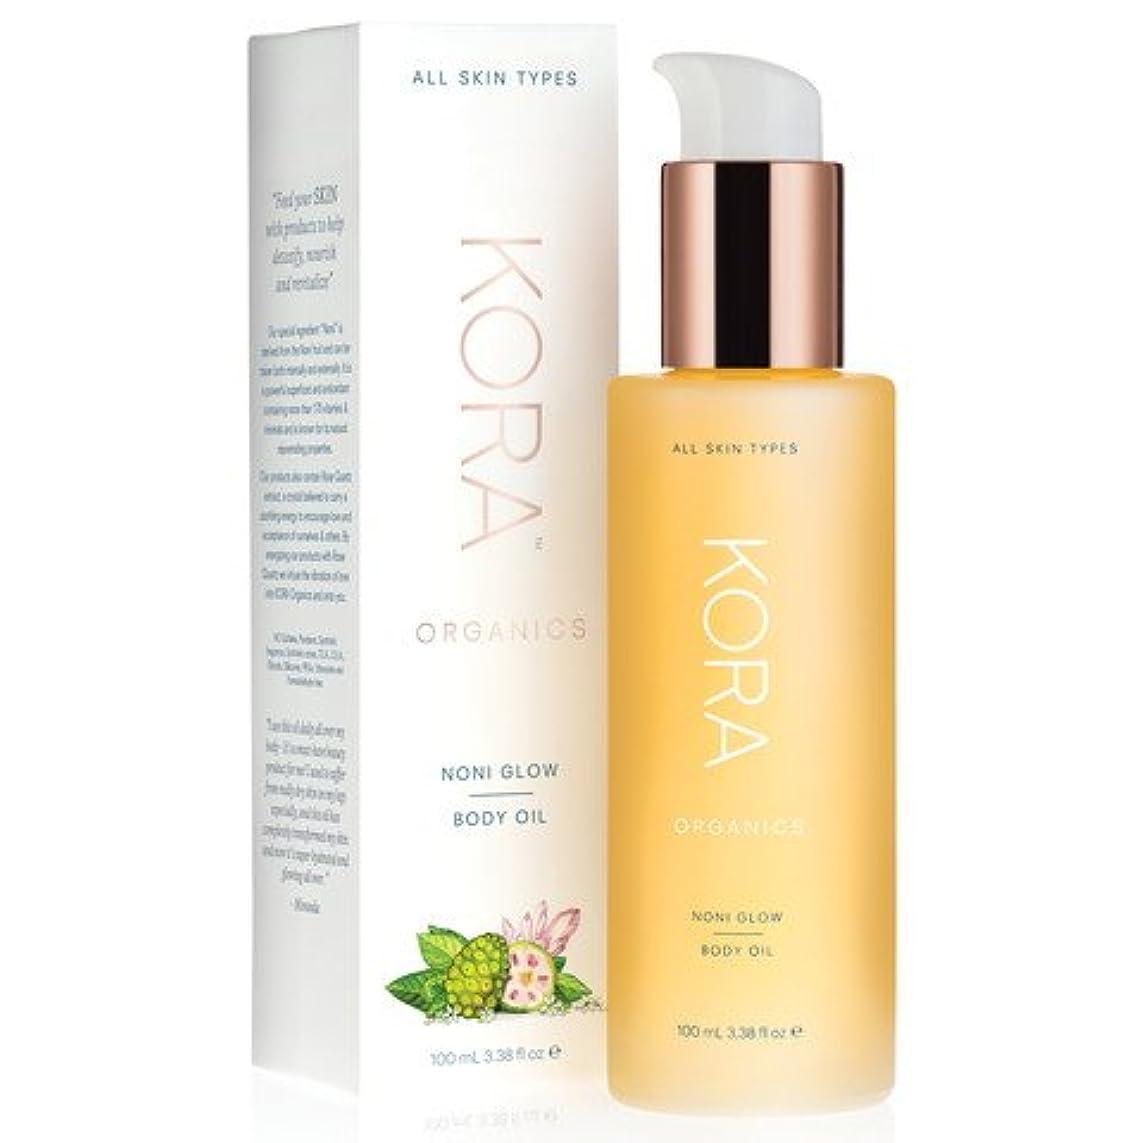 急流化石フリル[Kora Organics]ノニ グロー Bodyオイル(全身用?ボディオイル )[Noni Glow Body Oil][海外直送品]